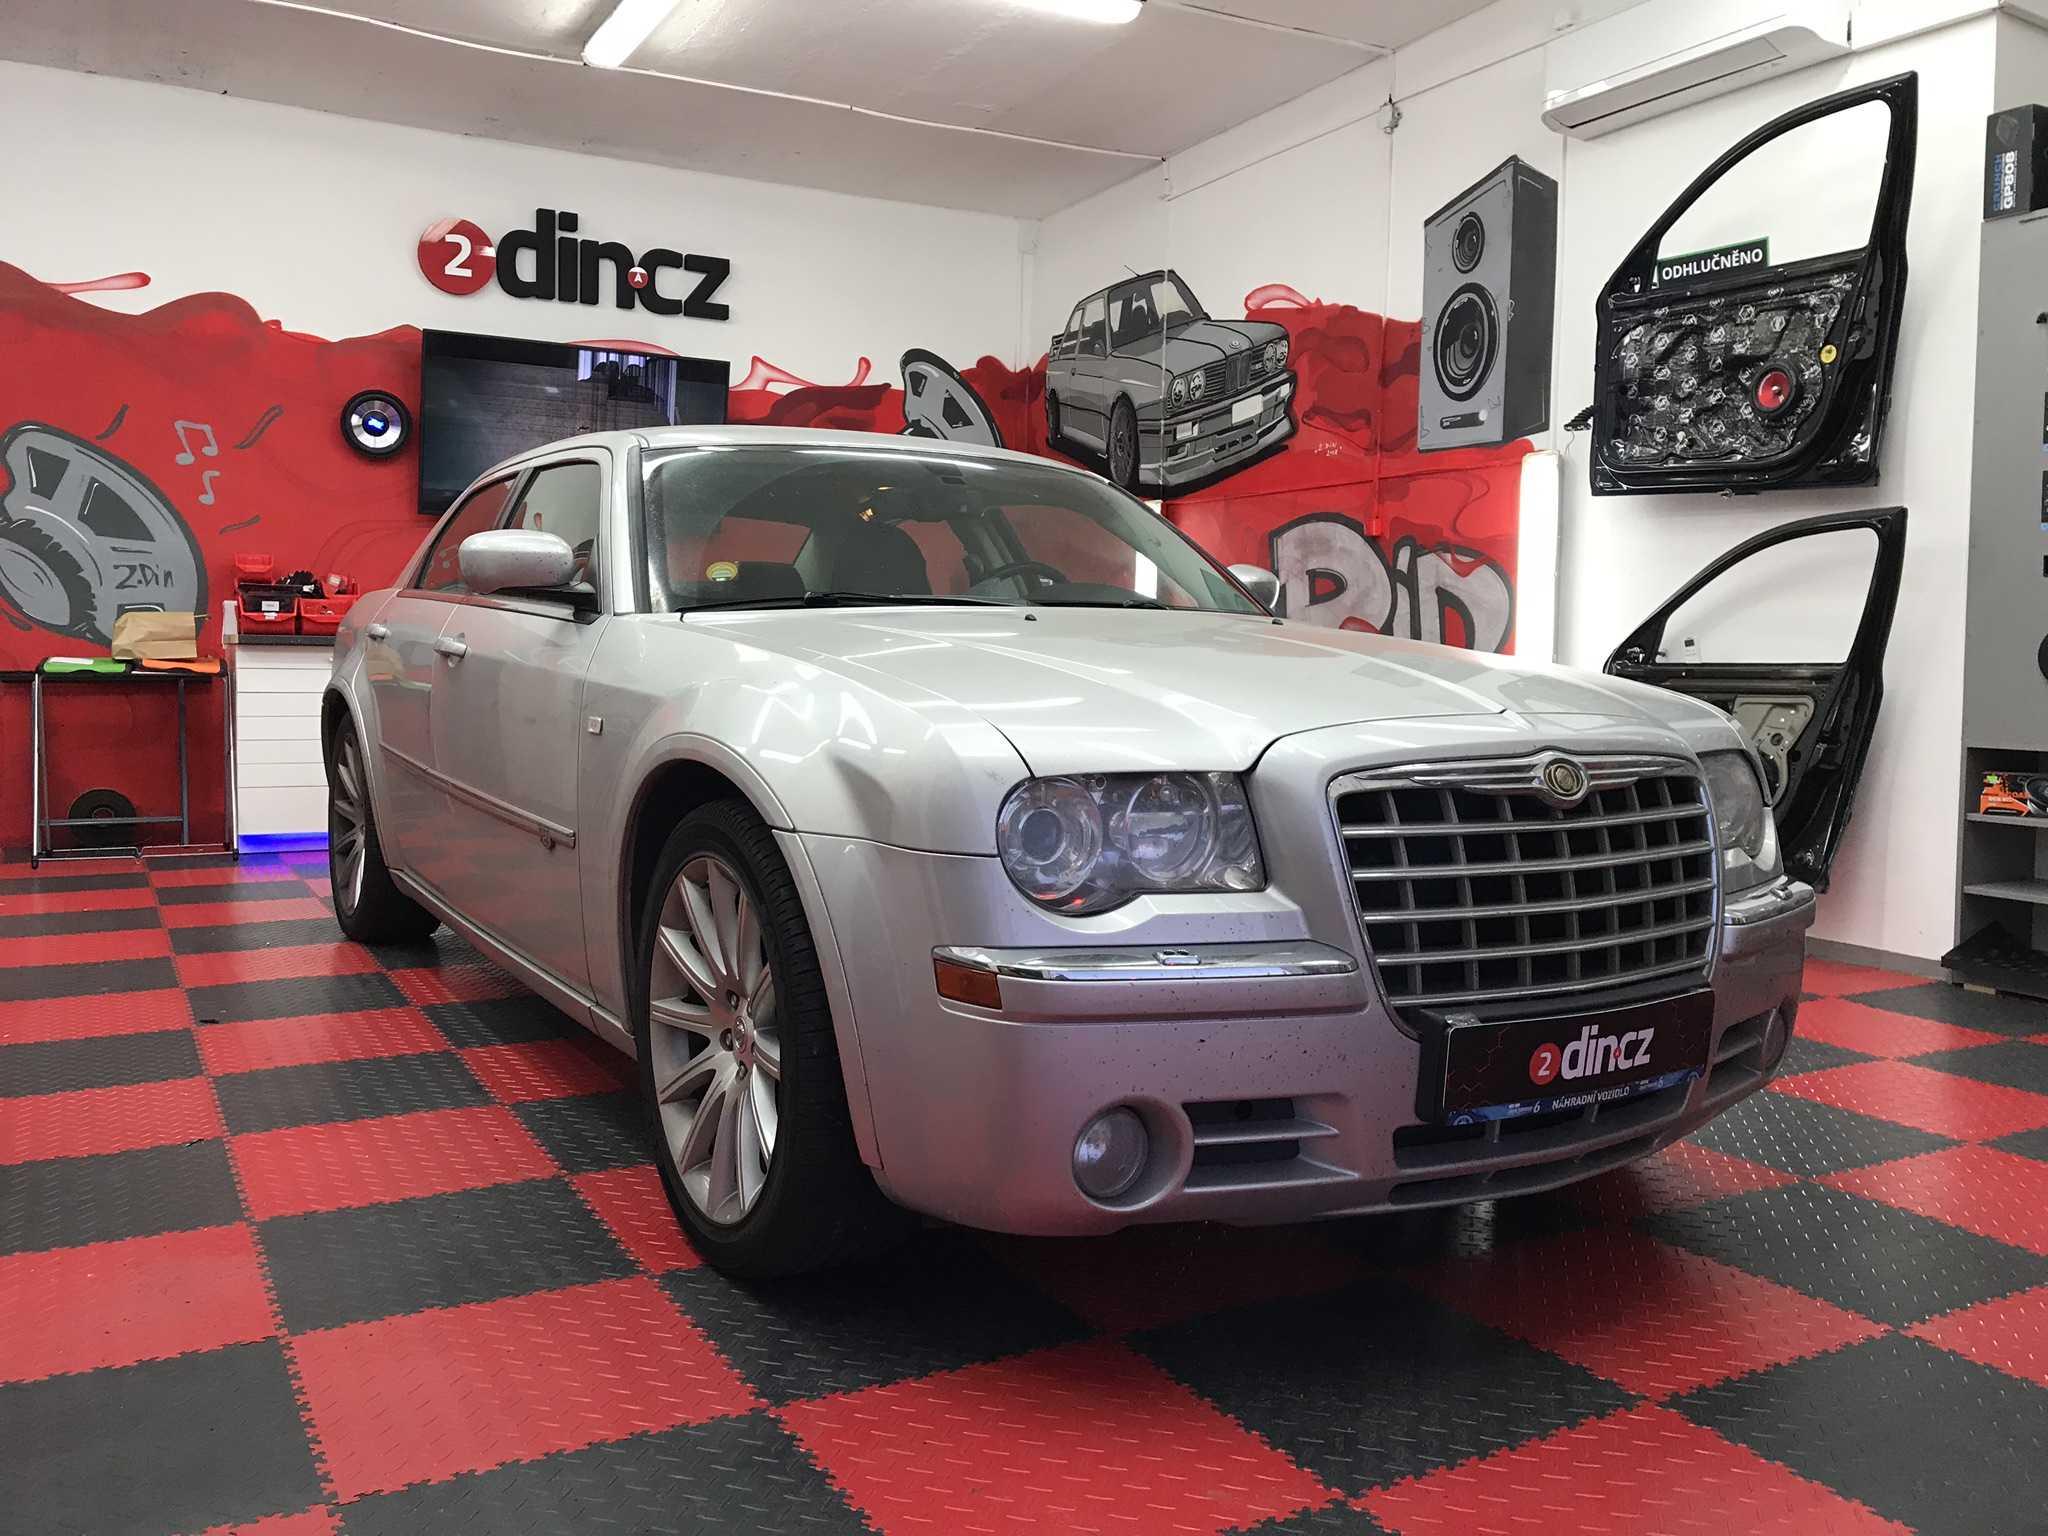 Chrysler 300C - Montáž 2din autorádia, couvací kamery a zprovoznění zvuku